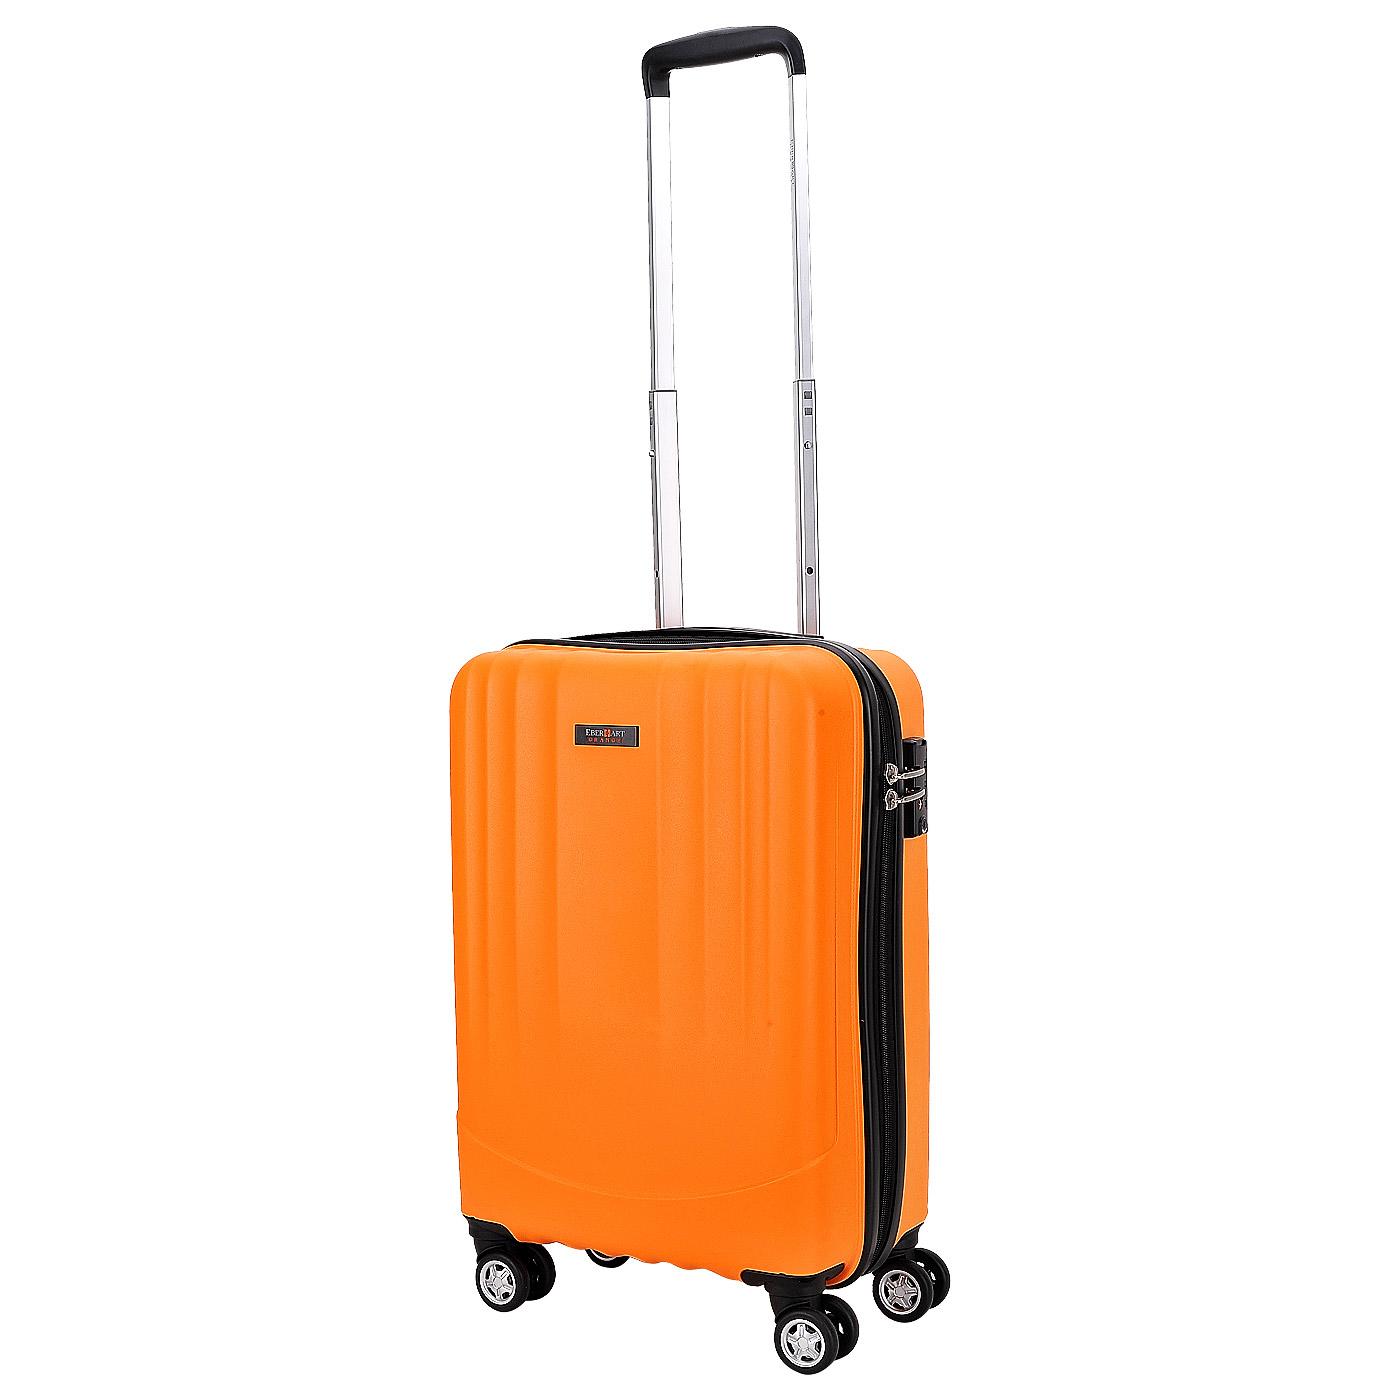 Чемодан на колесах Eberhart Orange